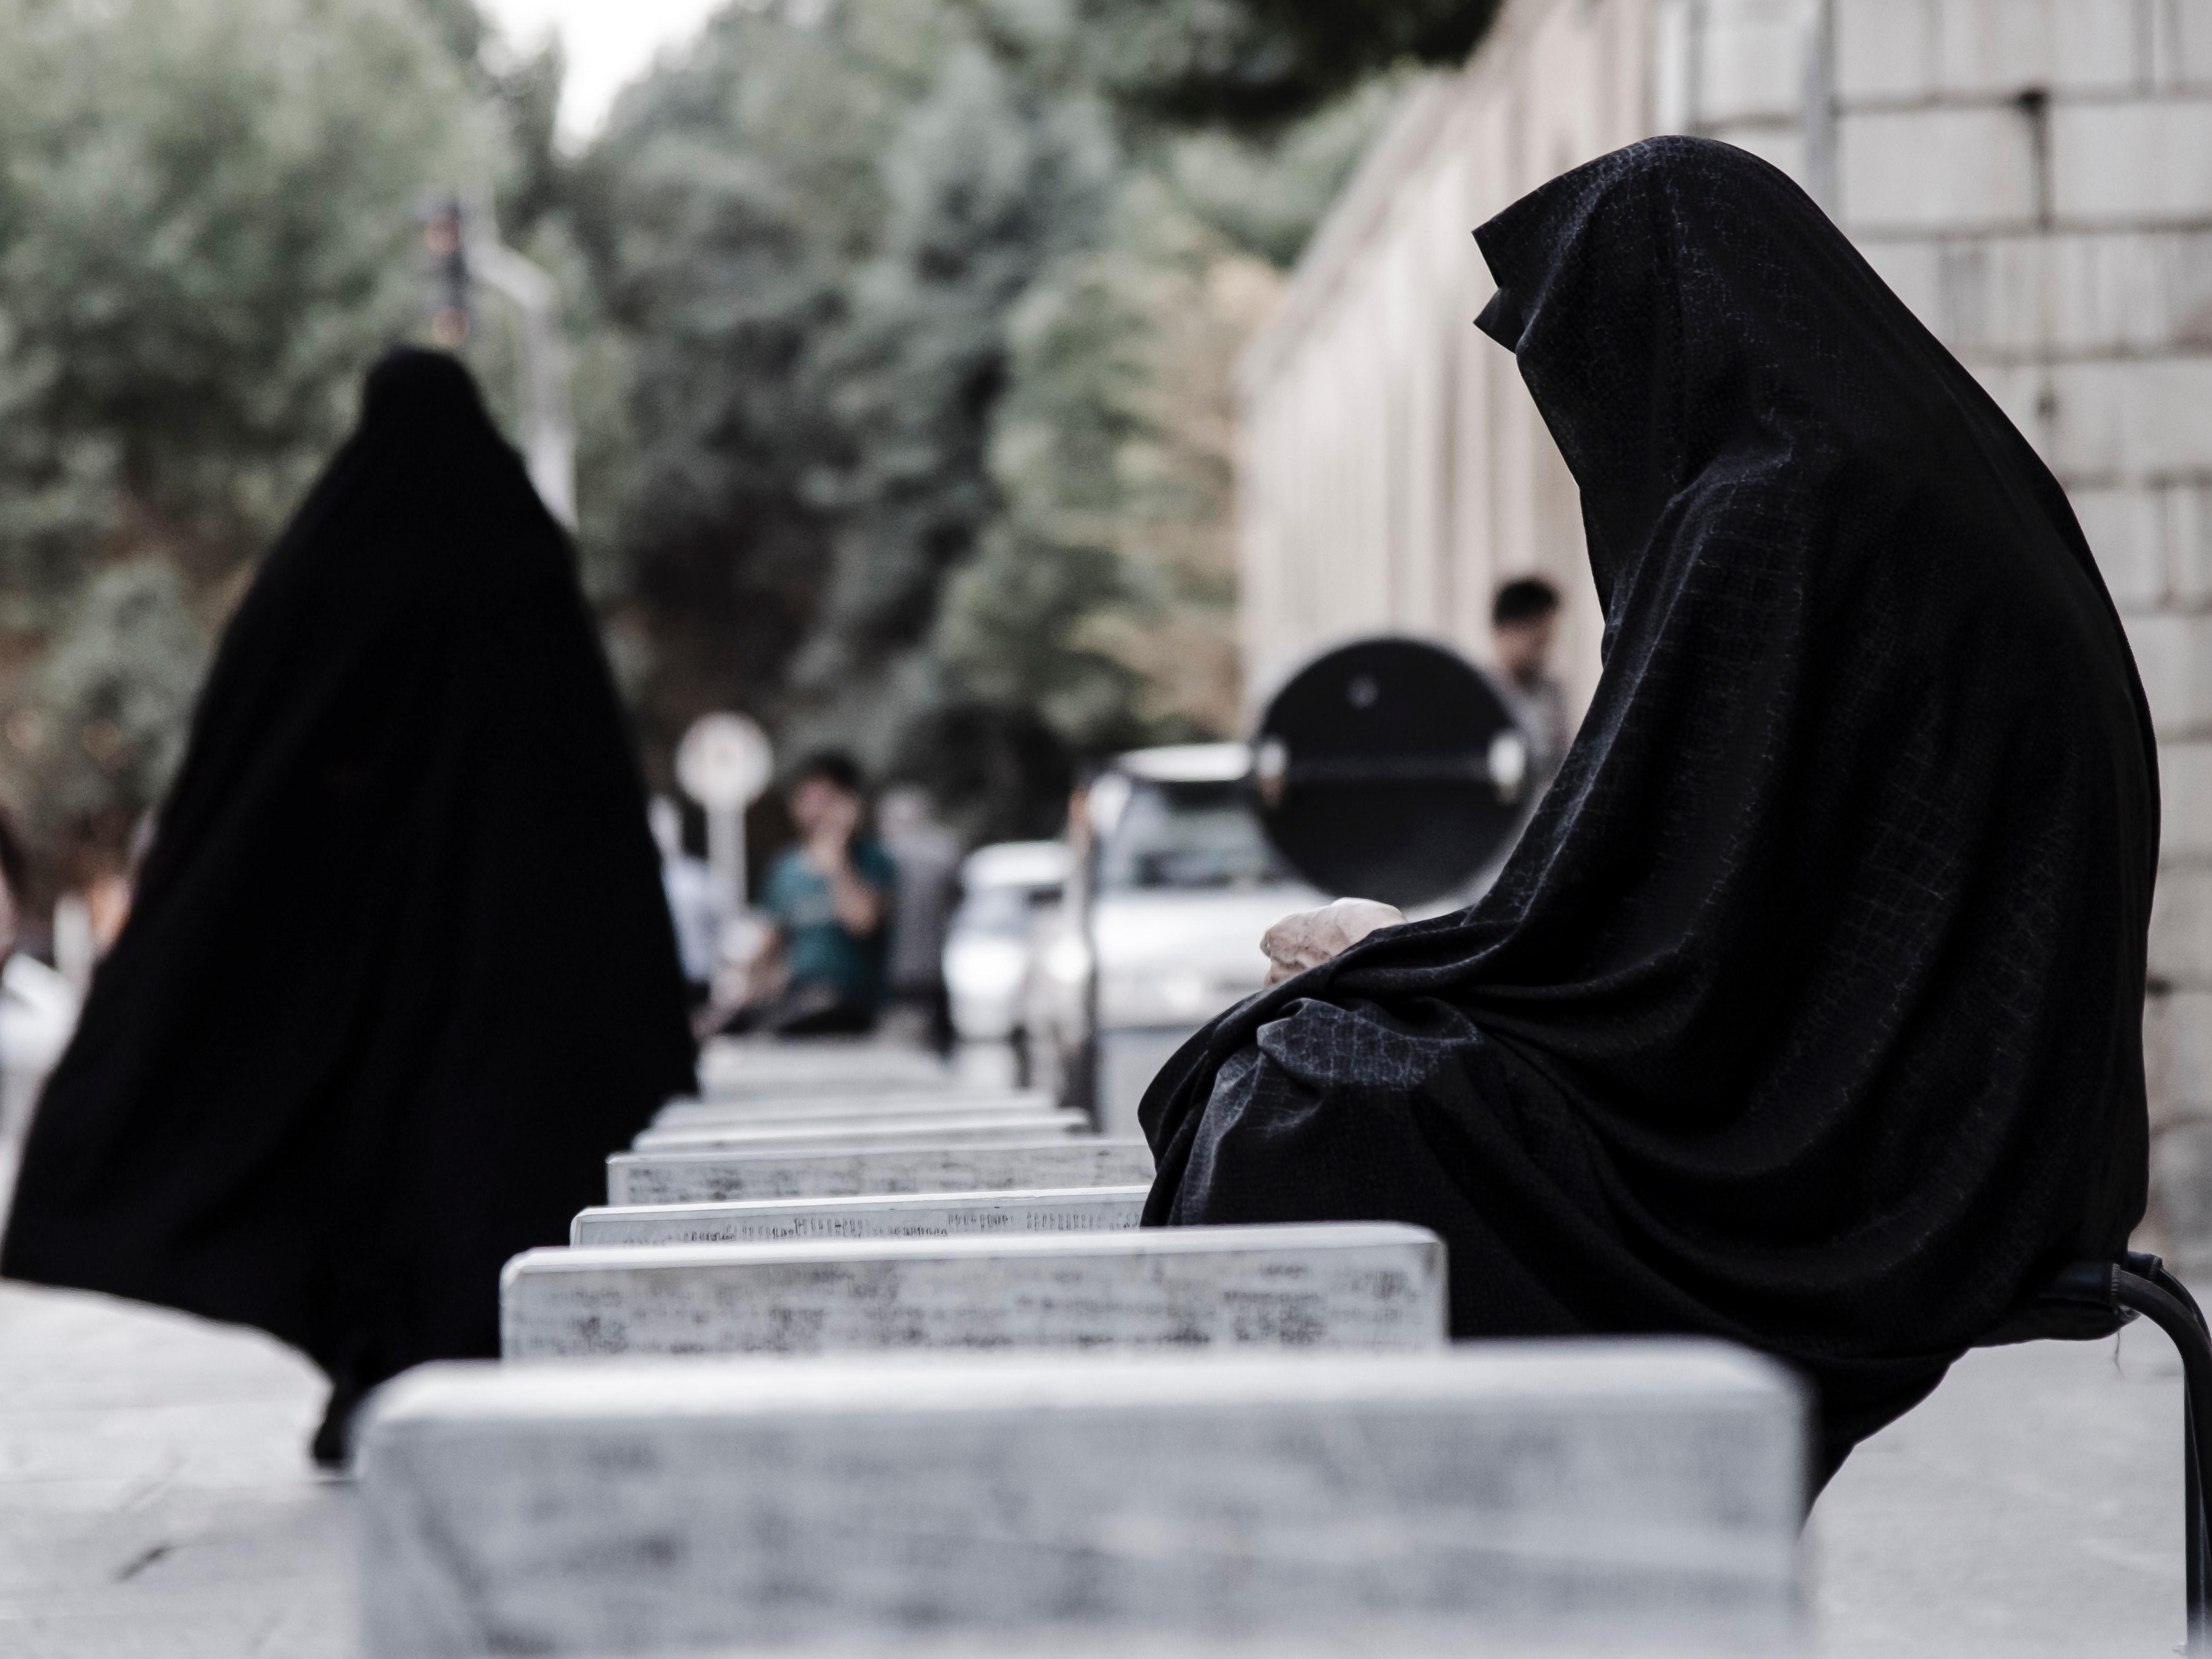 muslim woman, niqab, burka, burqa